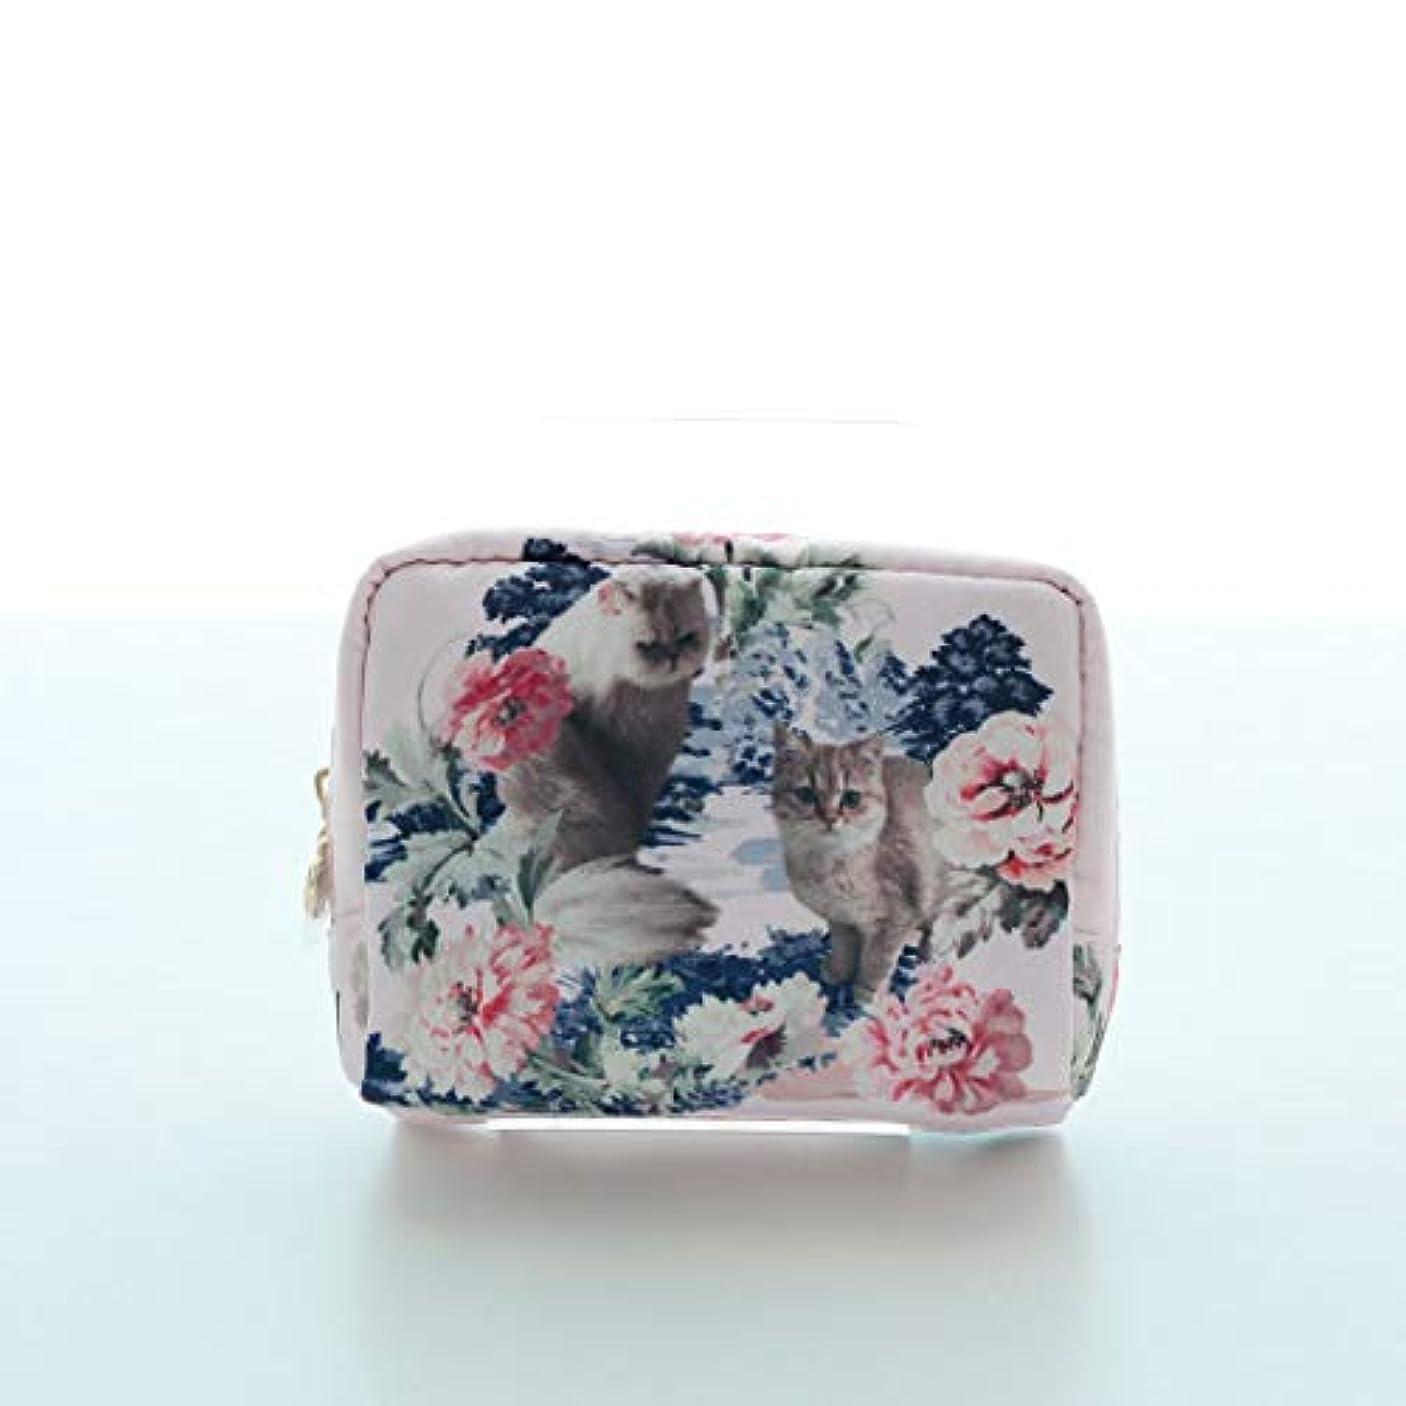 感嘆符換気するけがをするポール&ジョー レディース 化粧ポーチ (ピンク) 花柄 婦人 ポーチ ポールアンドジョー PAUL&JOE ACCESSOIRES 107501-9501-01